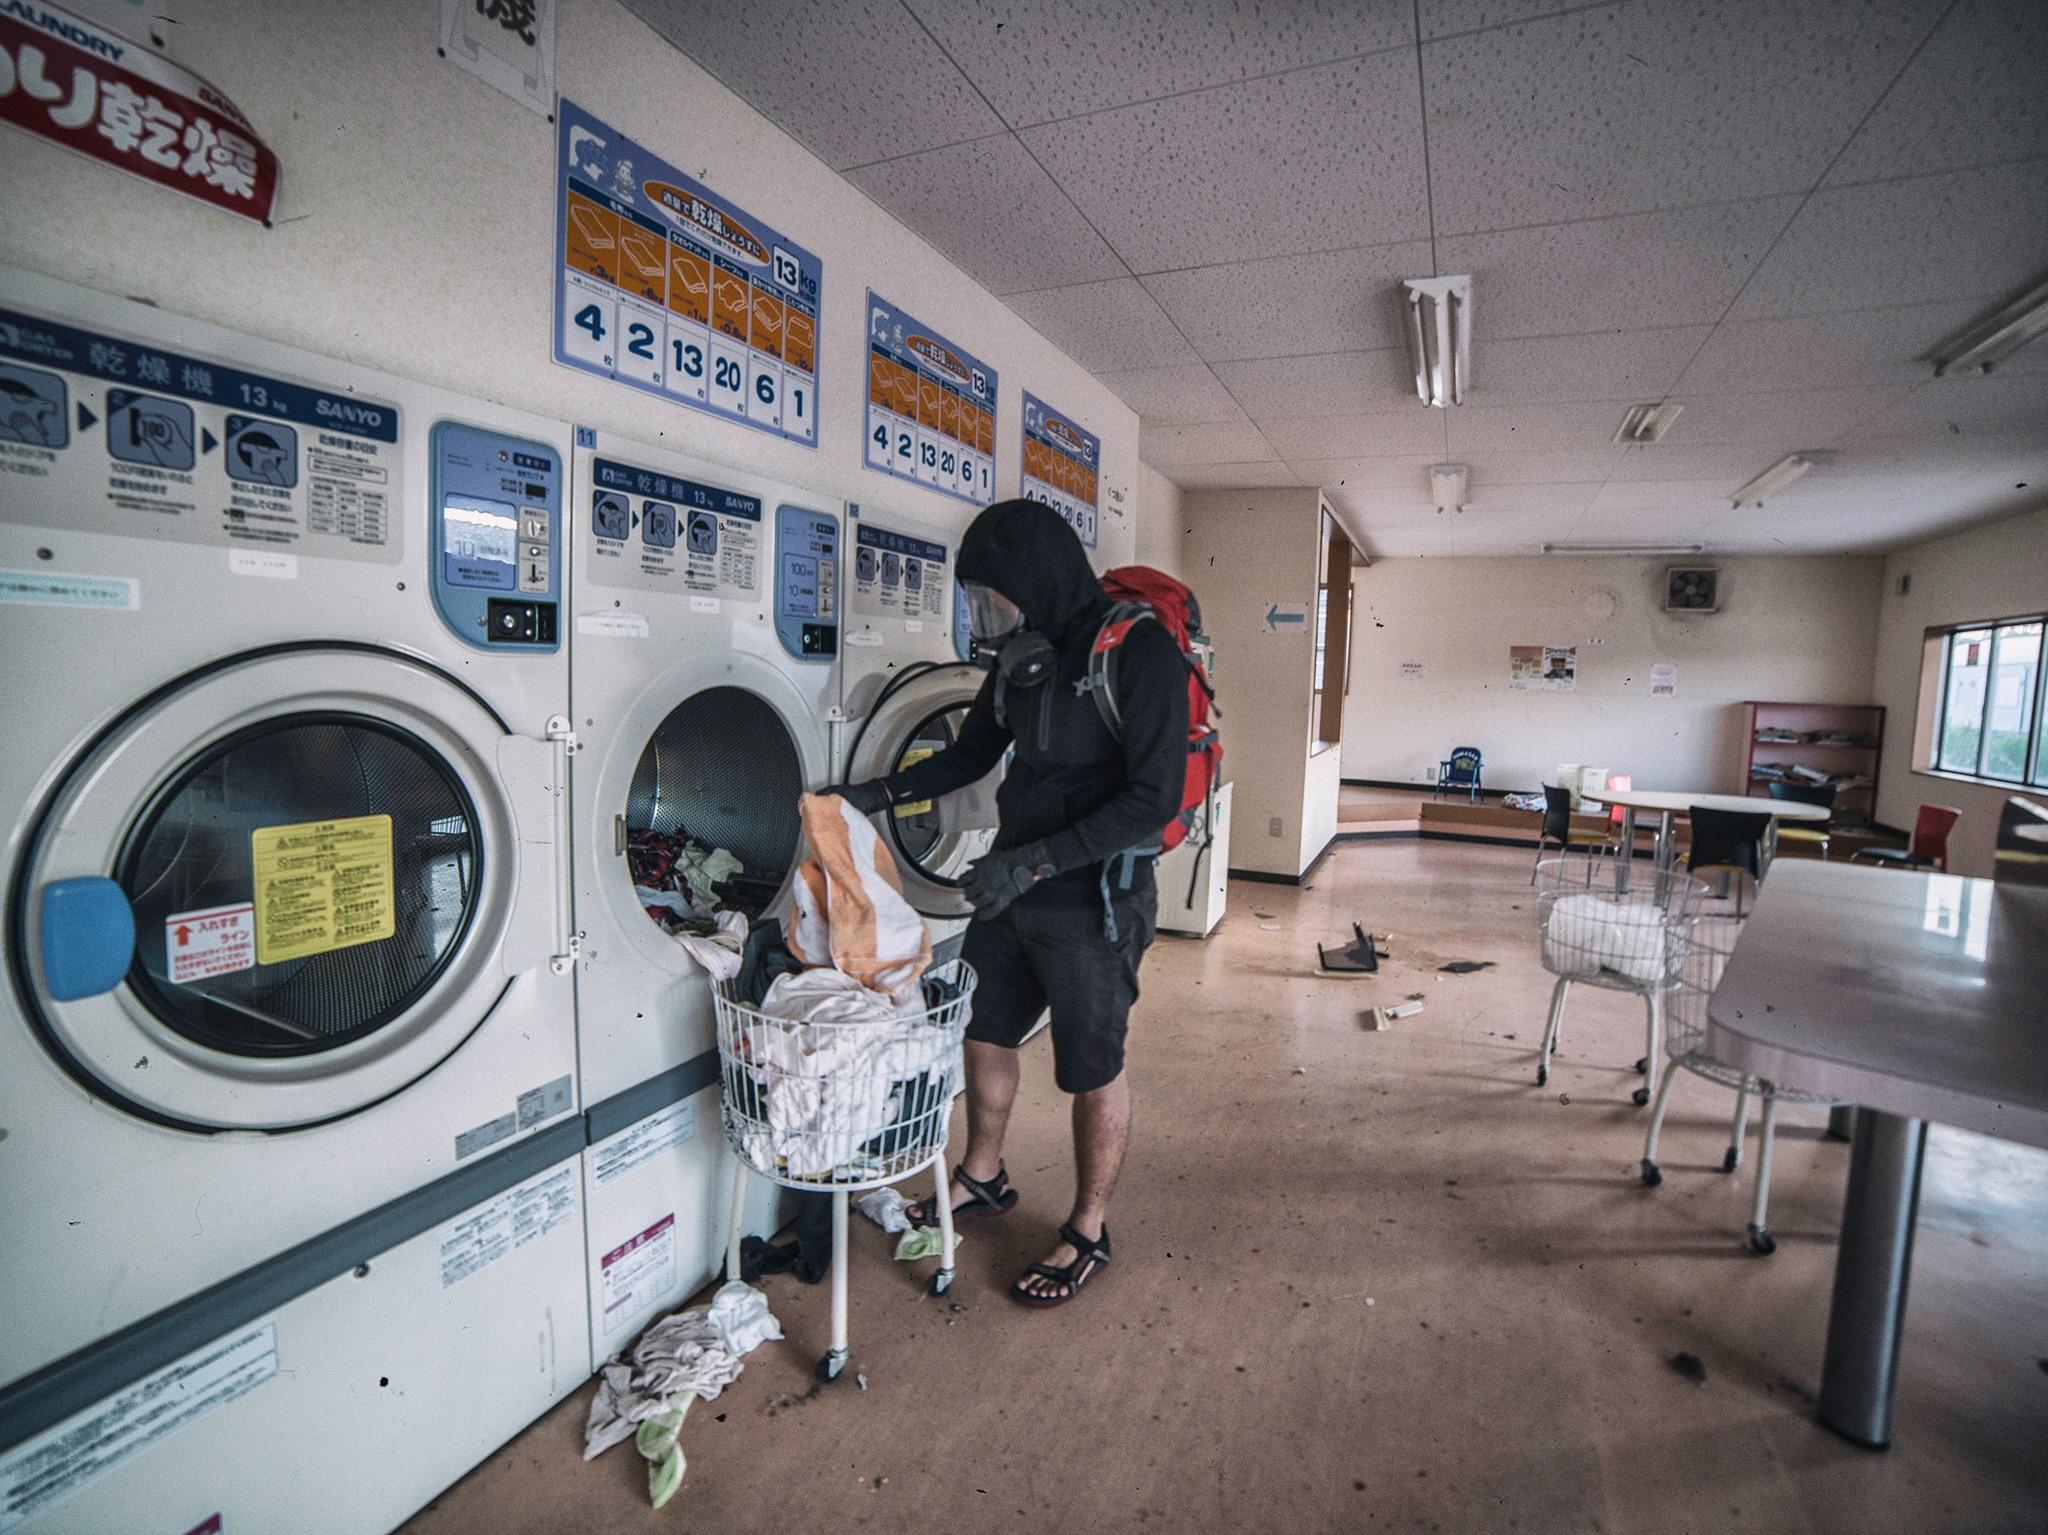 como es fukushima 5 años después del desastre 6